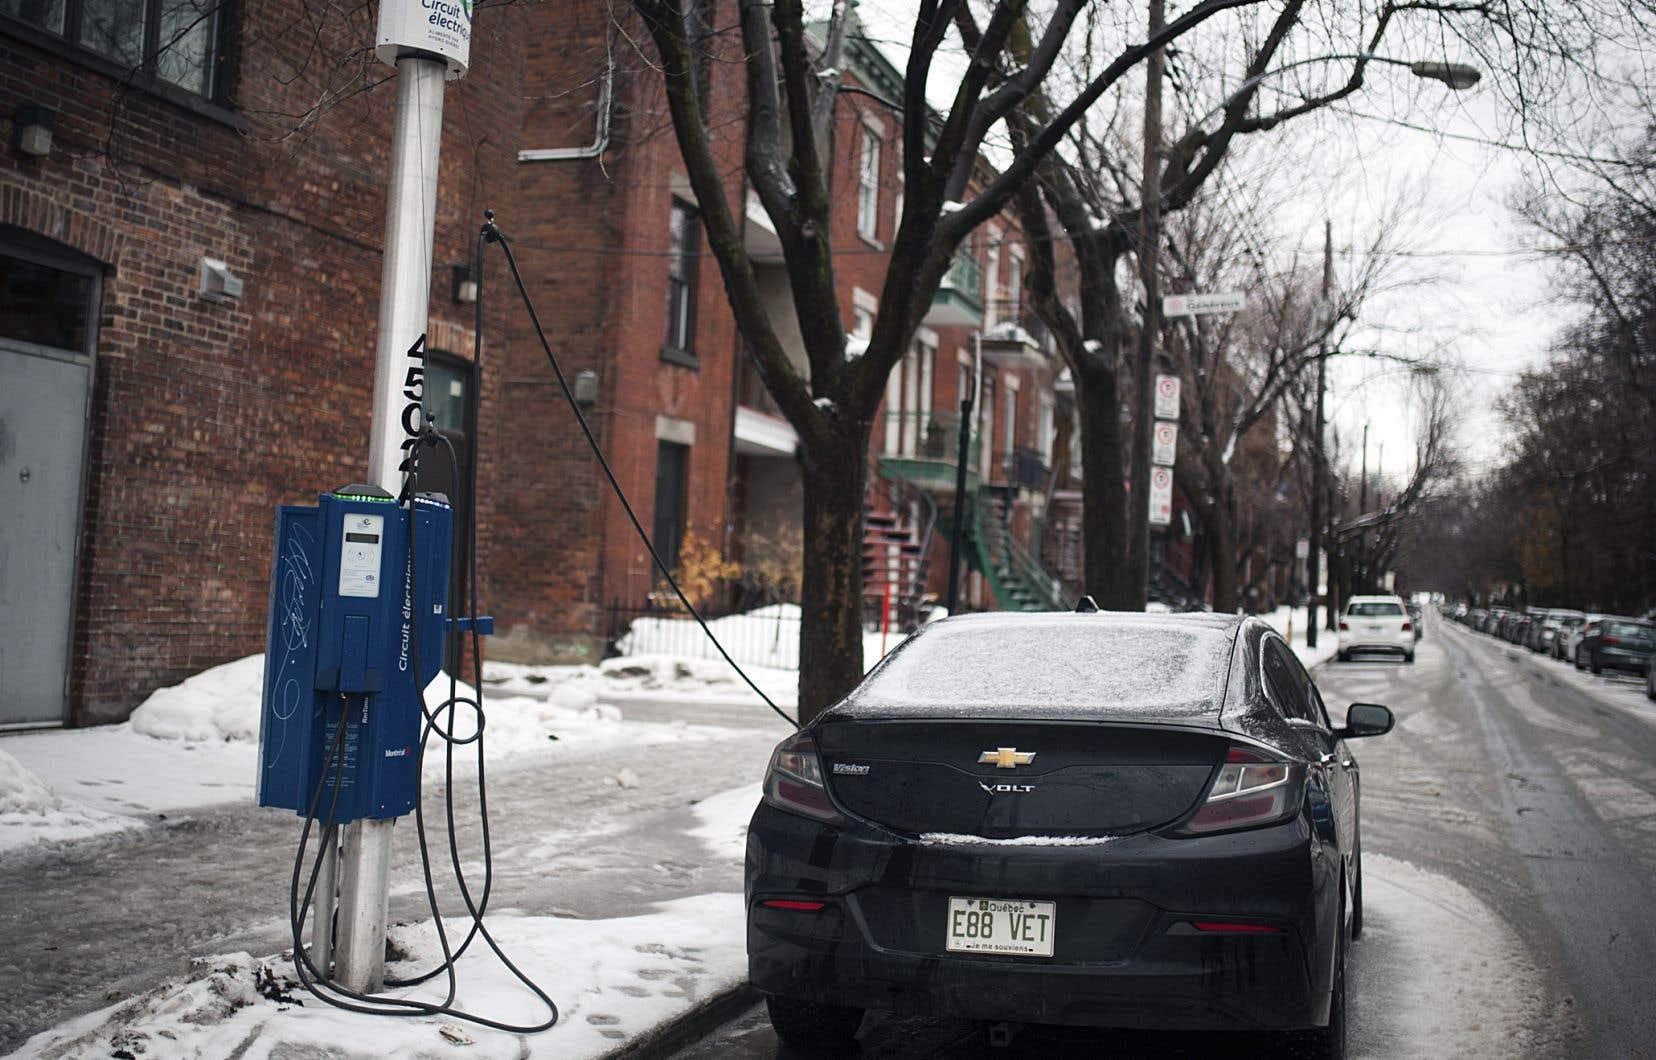 La Ville de Montréal travaille actuellement sur l'implantation de «pôles de mobilité», qui intègrent plusieurs modes de transports alternatifs à la voiture à essence, dont des bornes de recharge pour les véhicules électriques.